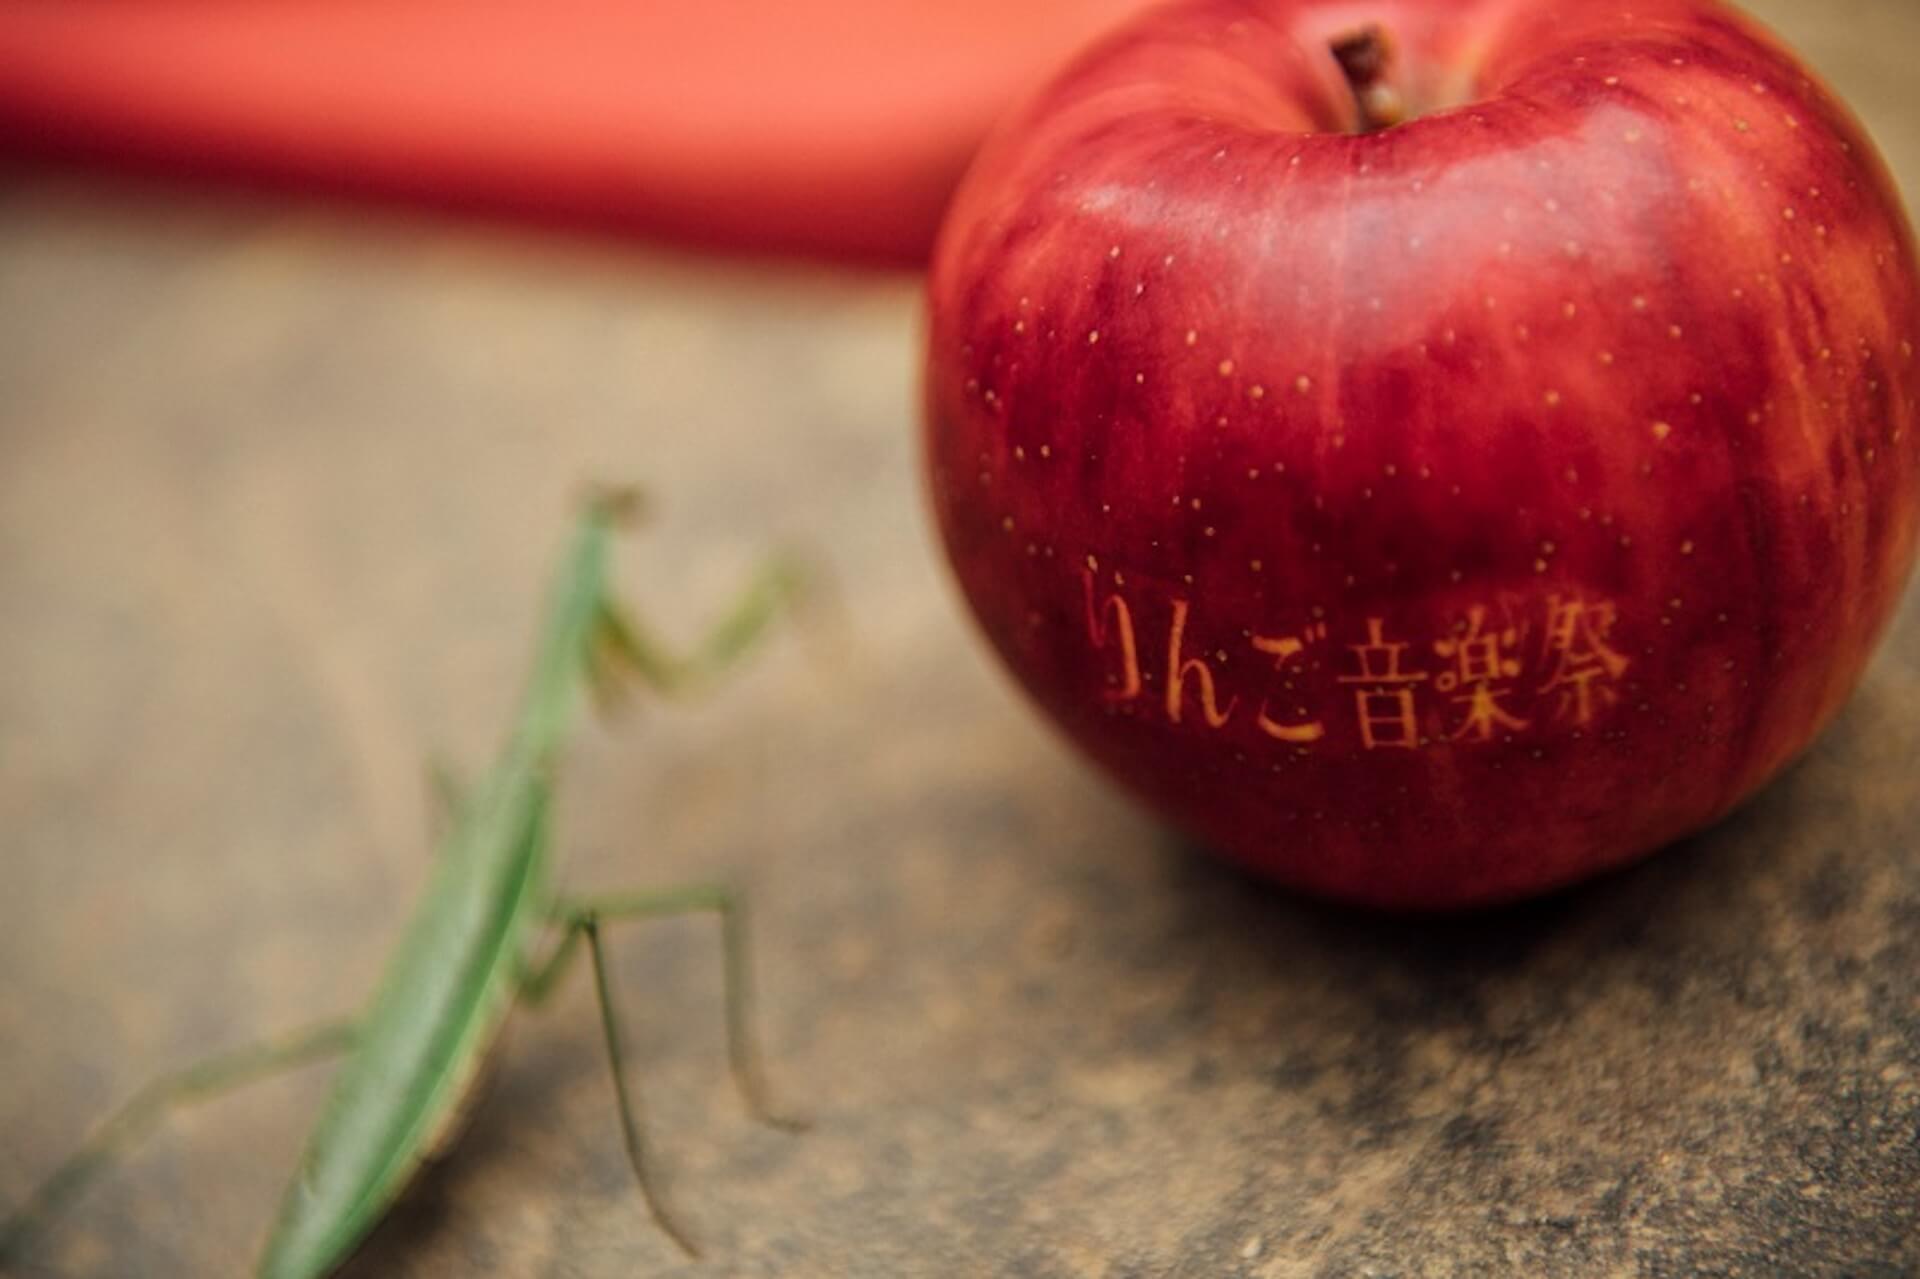 <りんご音楽祭 2020>が今年も開催決定!チケット発売日や新型コロナウイルス感染対策など詳細も発表&前夜祭開催も music20200821-ringomusicfes3